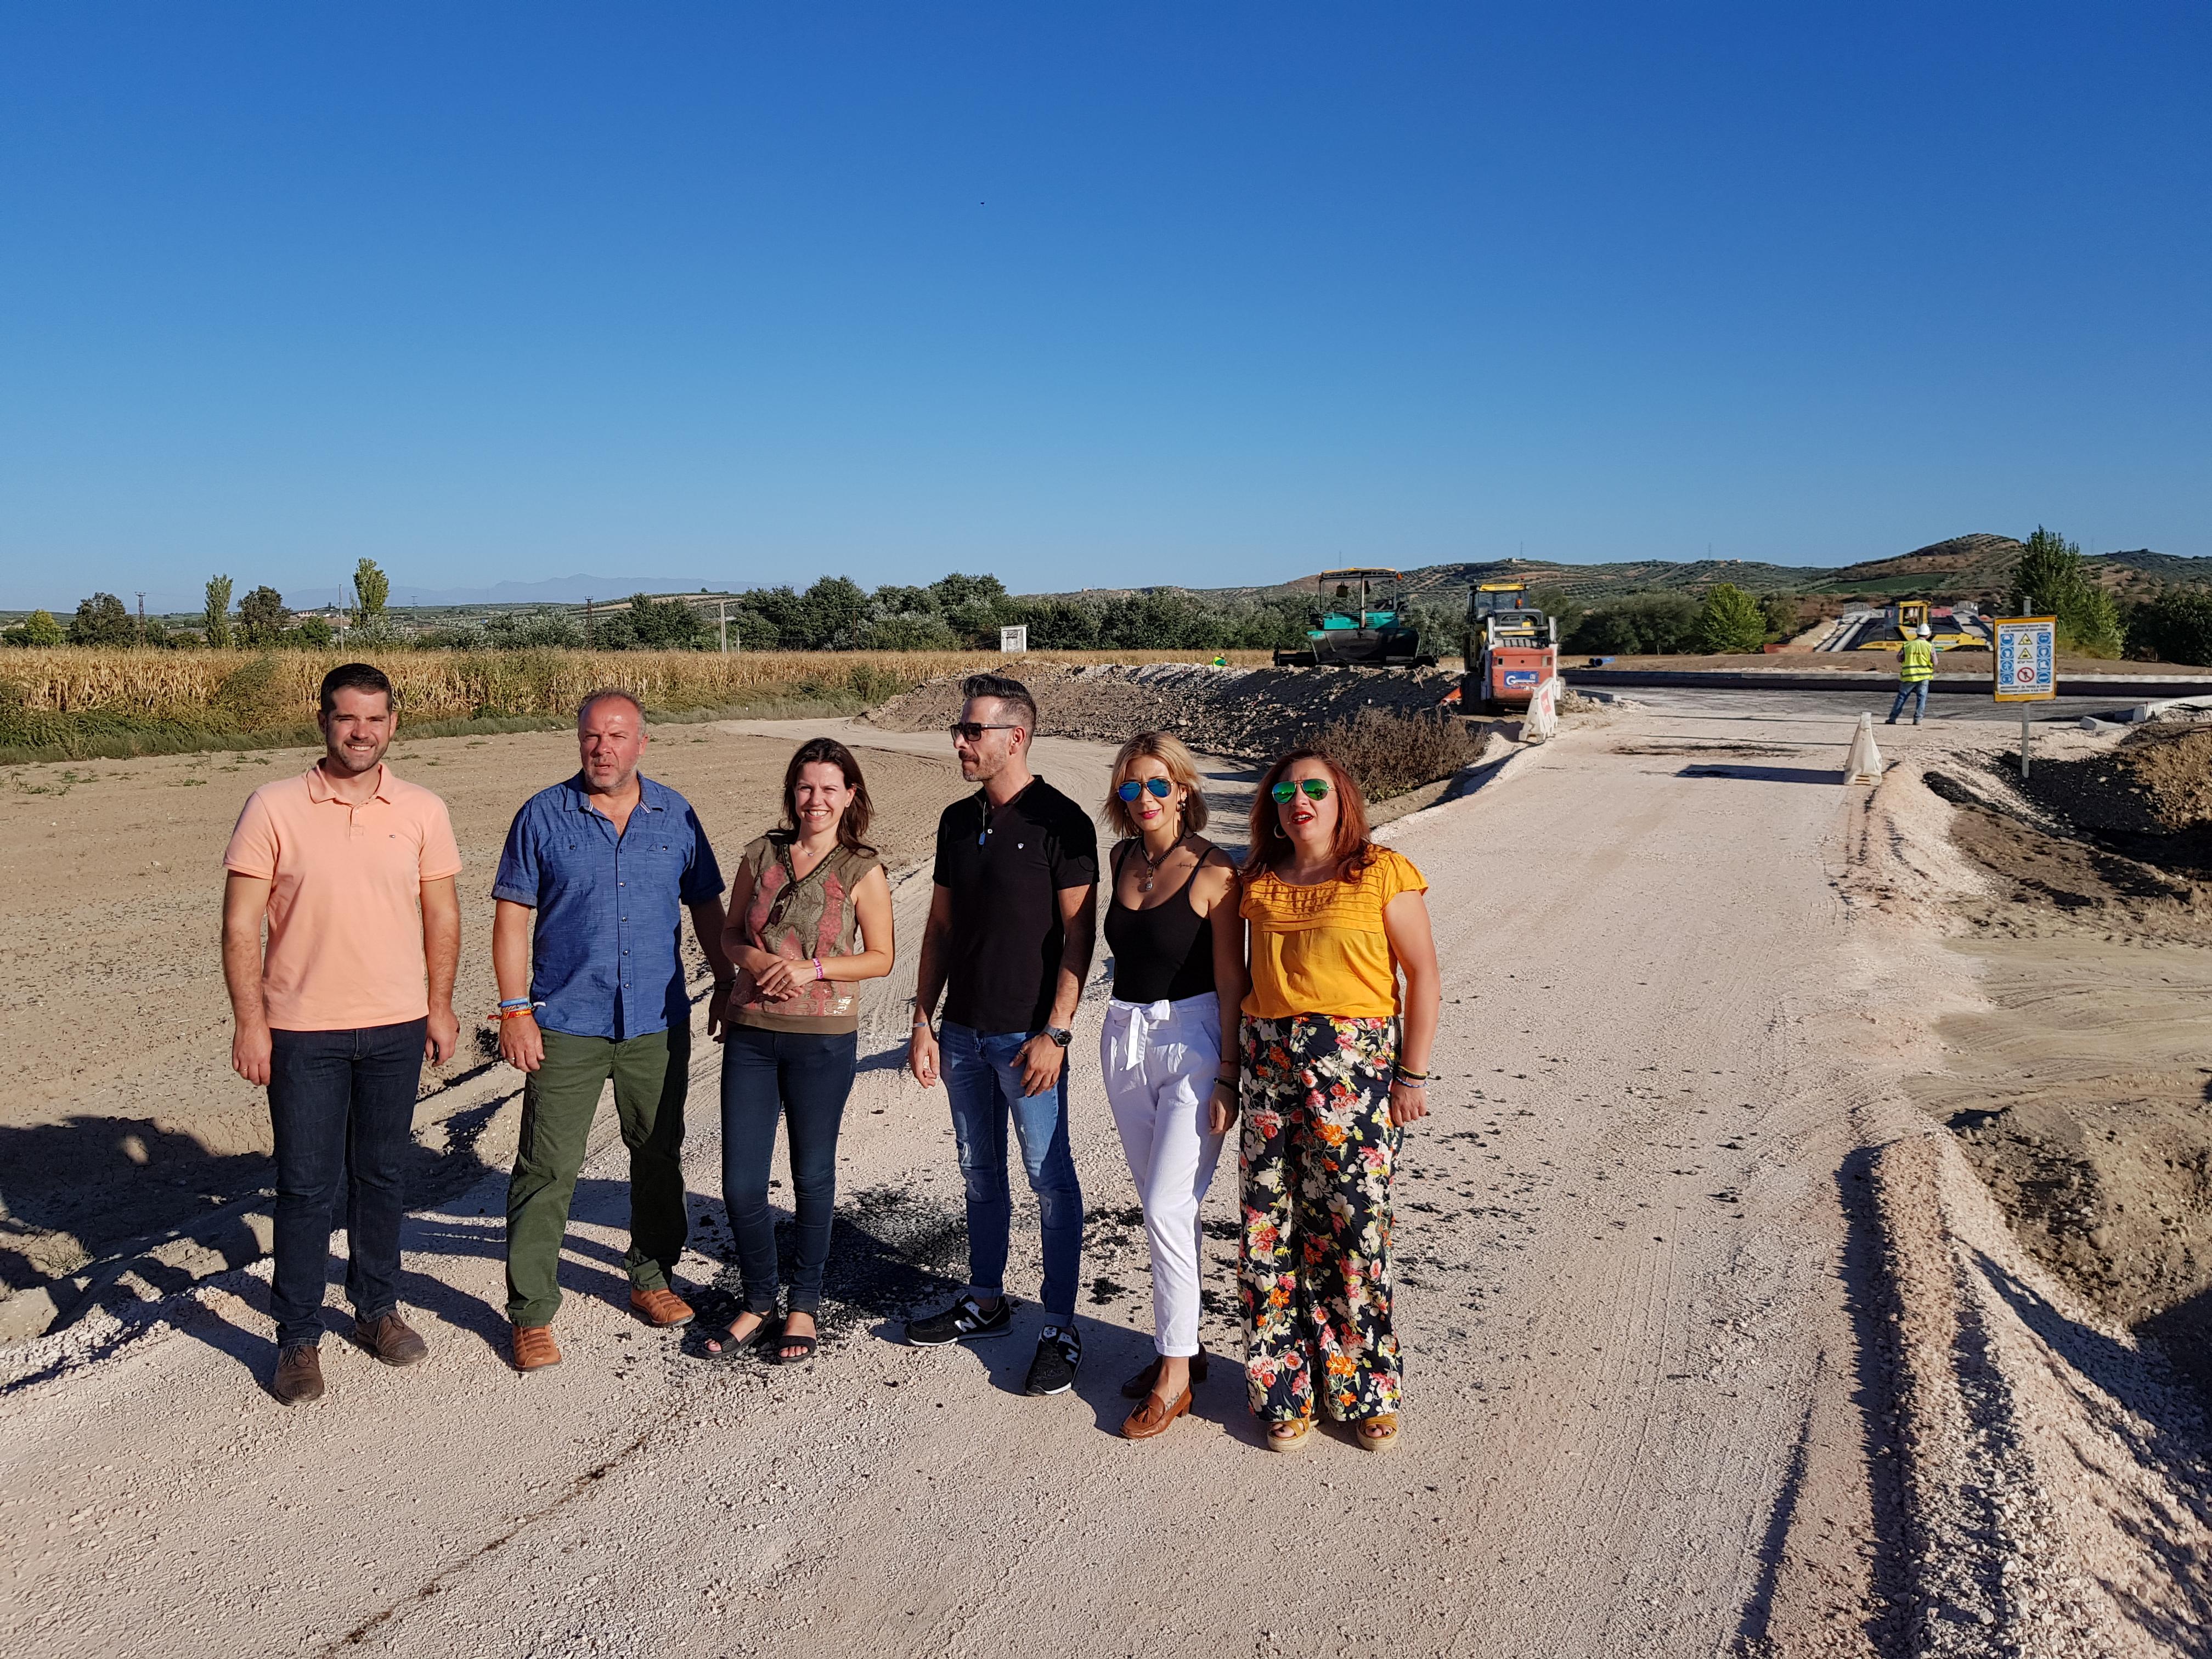 """El PP acusa al alcalde de Huétor Tájar de """"desidia e inoperancia"""" al dejar pasar once años sin ejecutar los accesos al nuevo puente que ya construye la Junta de Andalucía"""